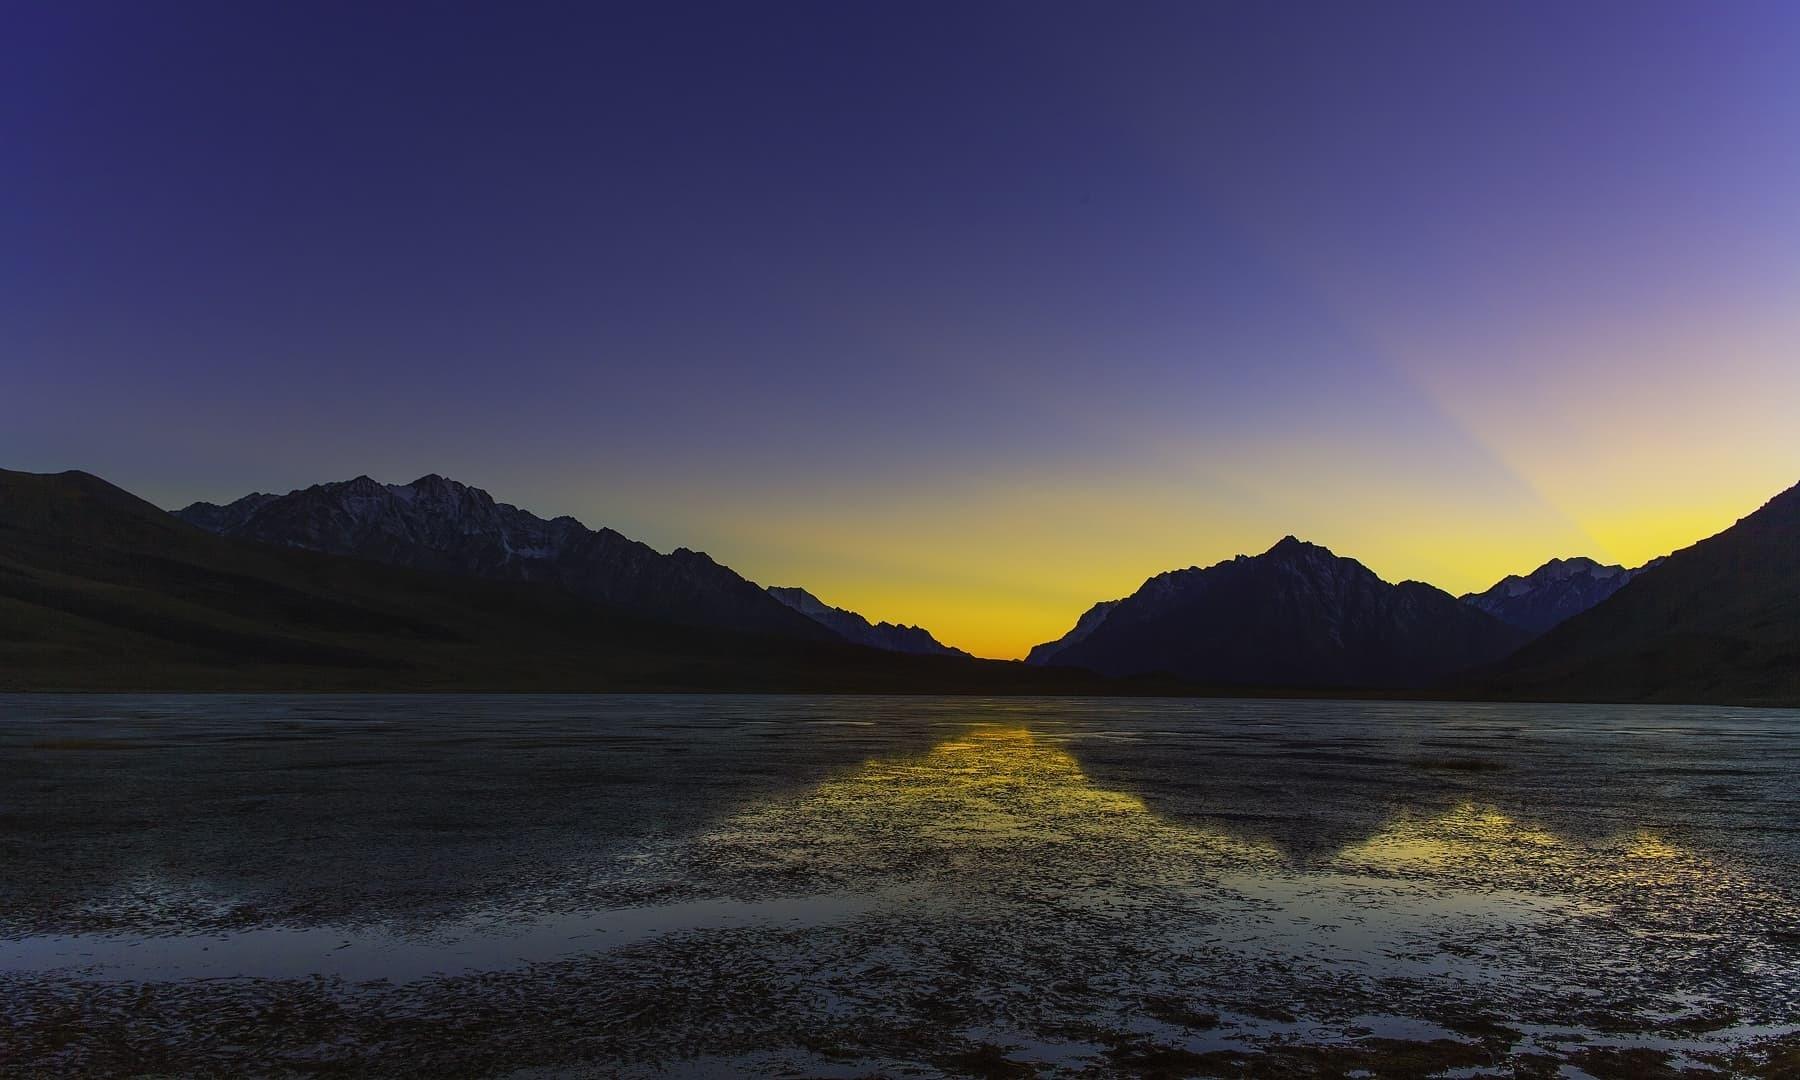 Sunset at Shandur Lake.